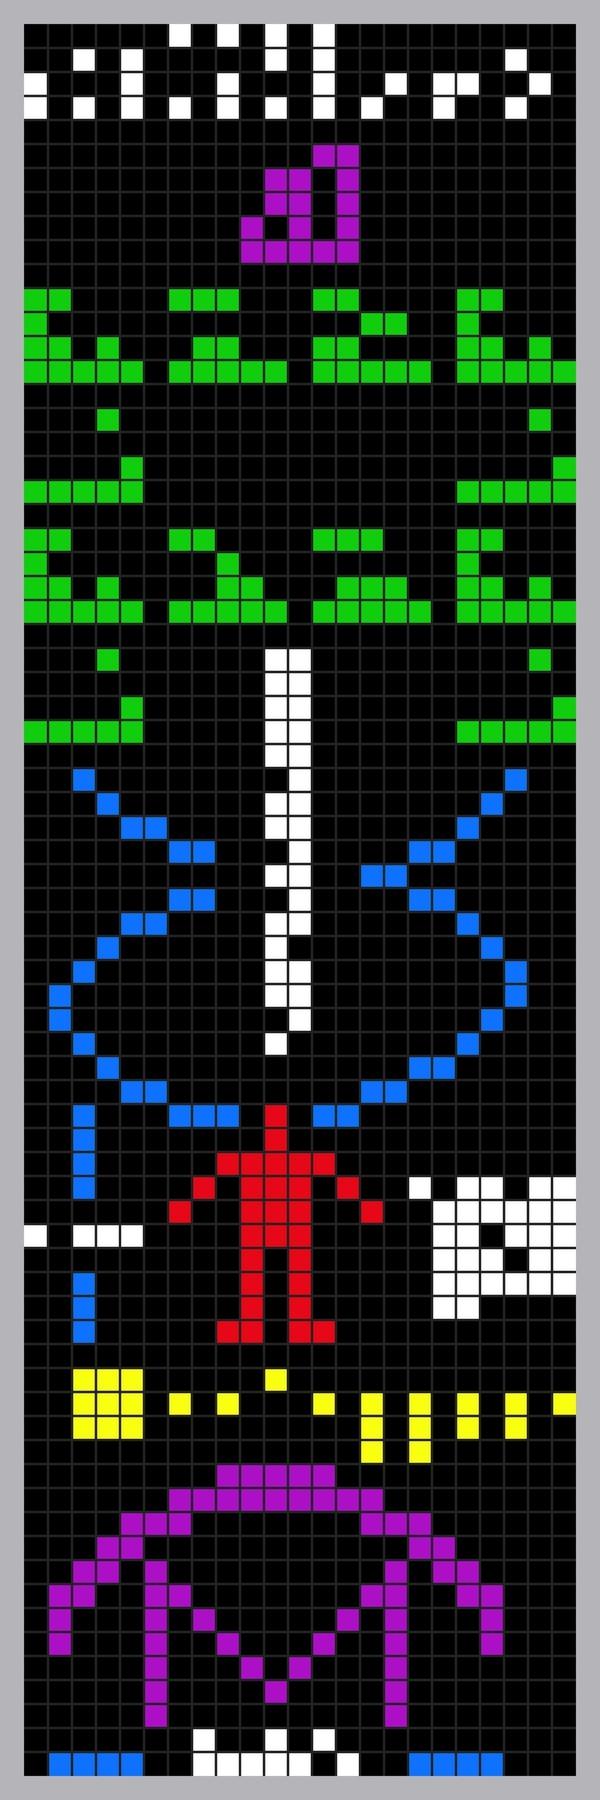 El mensaje de Arceibo que se envió (los colores se usaron para identificar las partes del código).